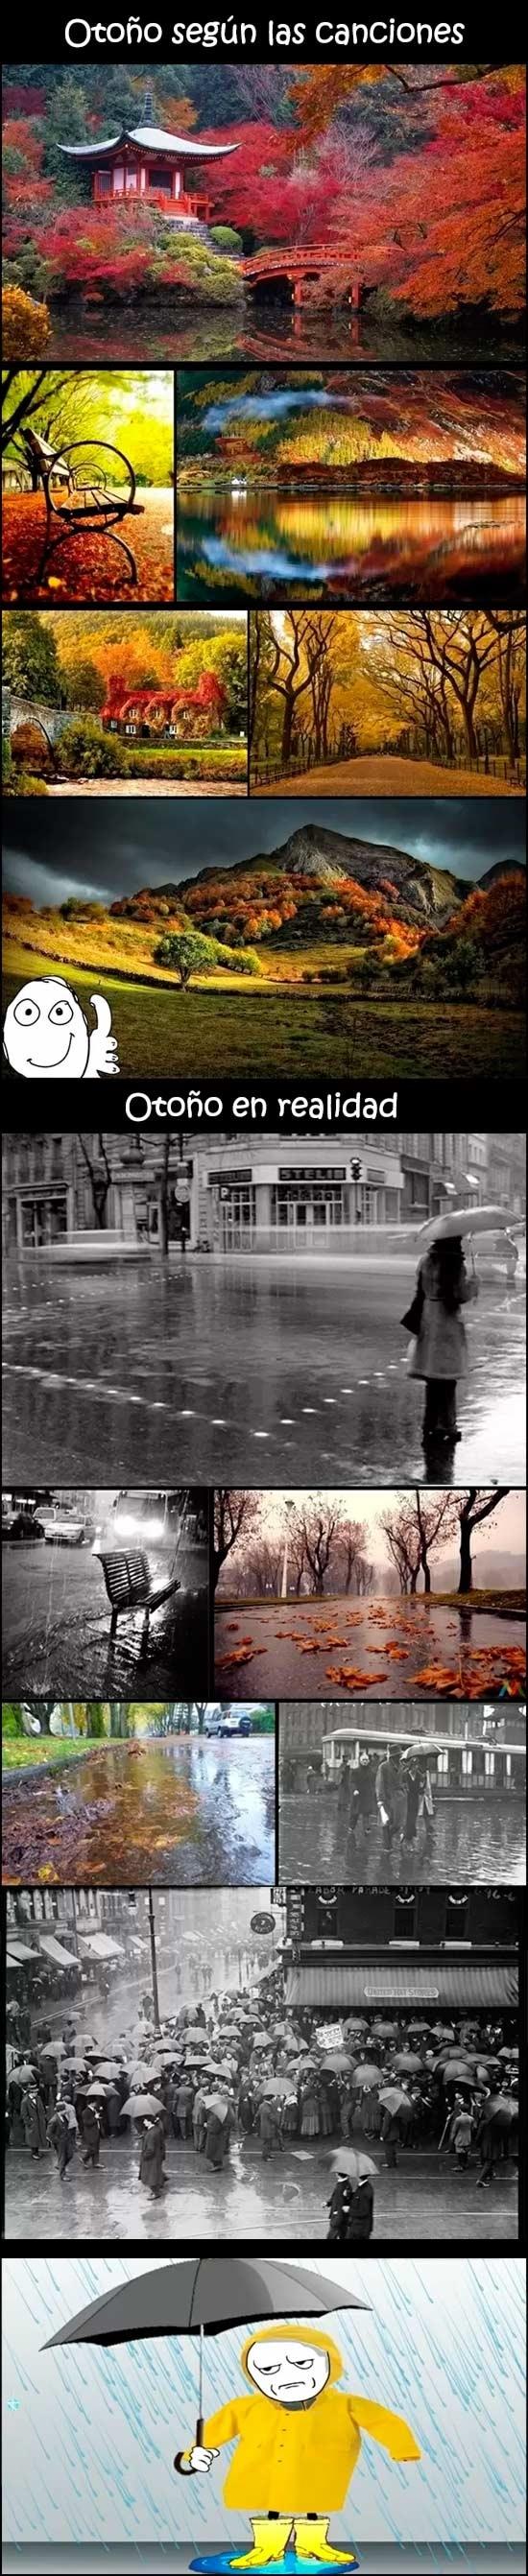 Kidding_me - La realidad de cuando estamos en pleno otoño